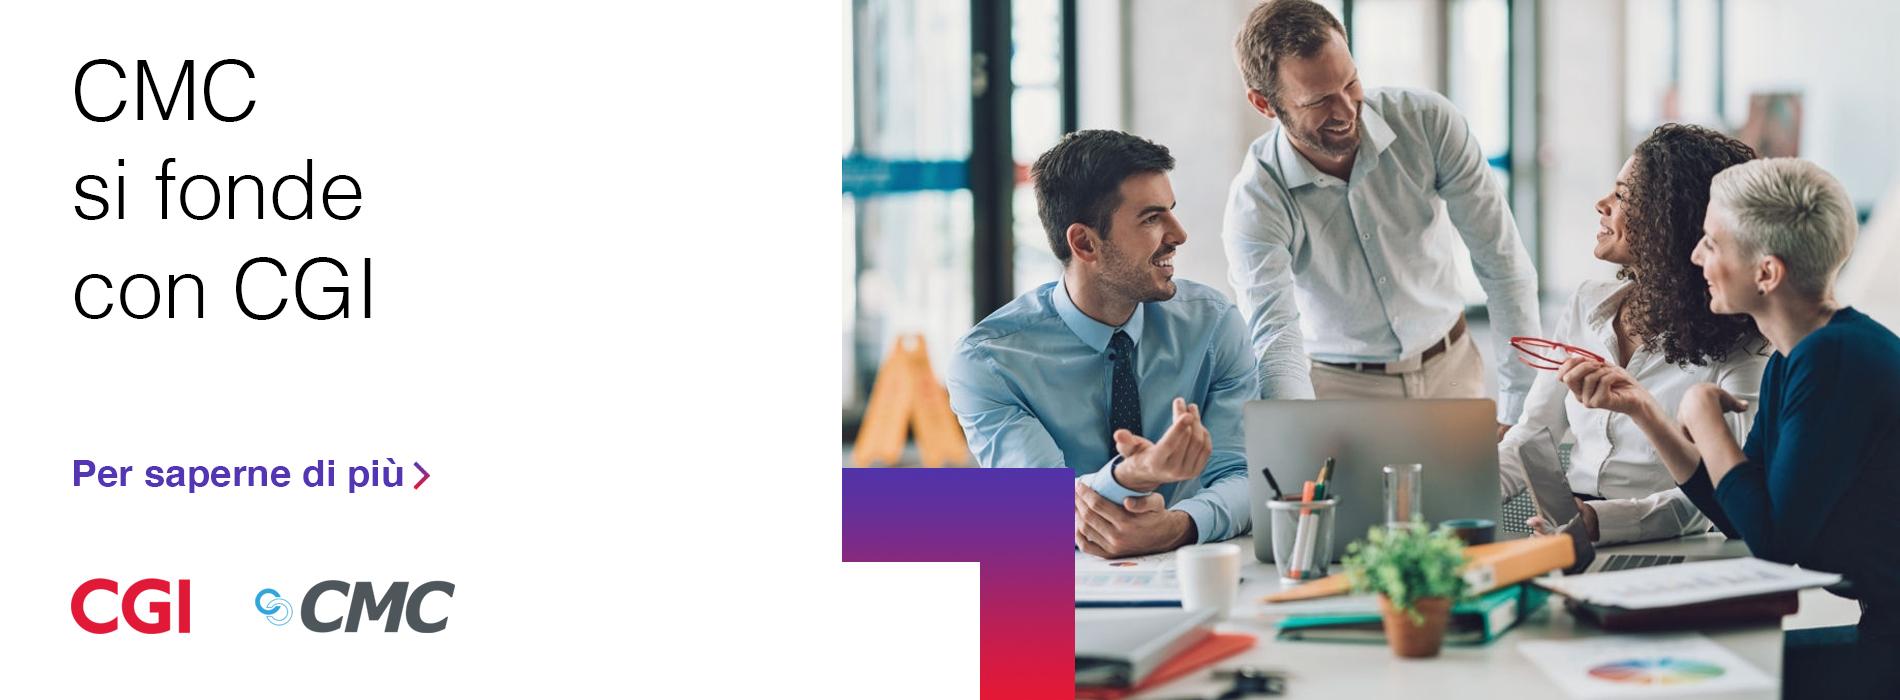 CGI acquisisce Cognicase Management Consulting (CMC), un'azienda leader nei servizi IT e di consulenza aziendale